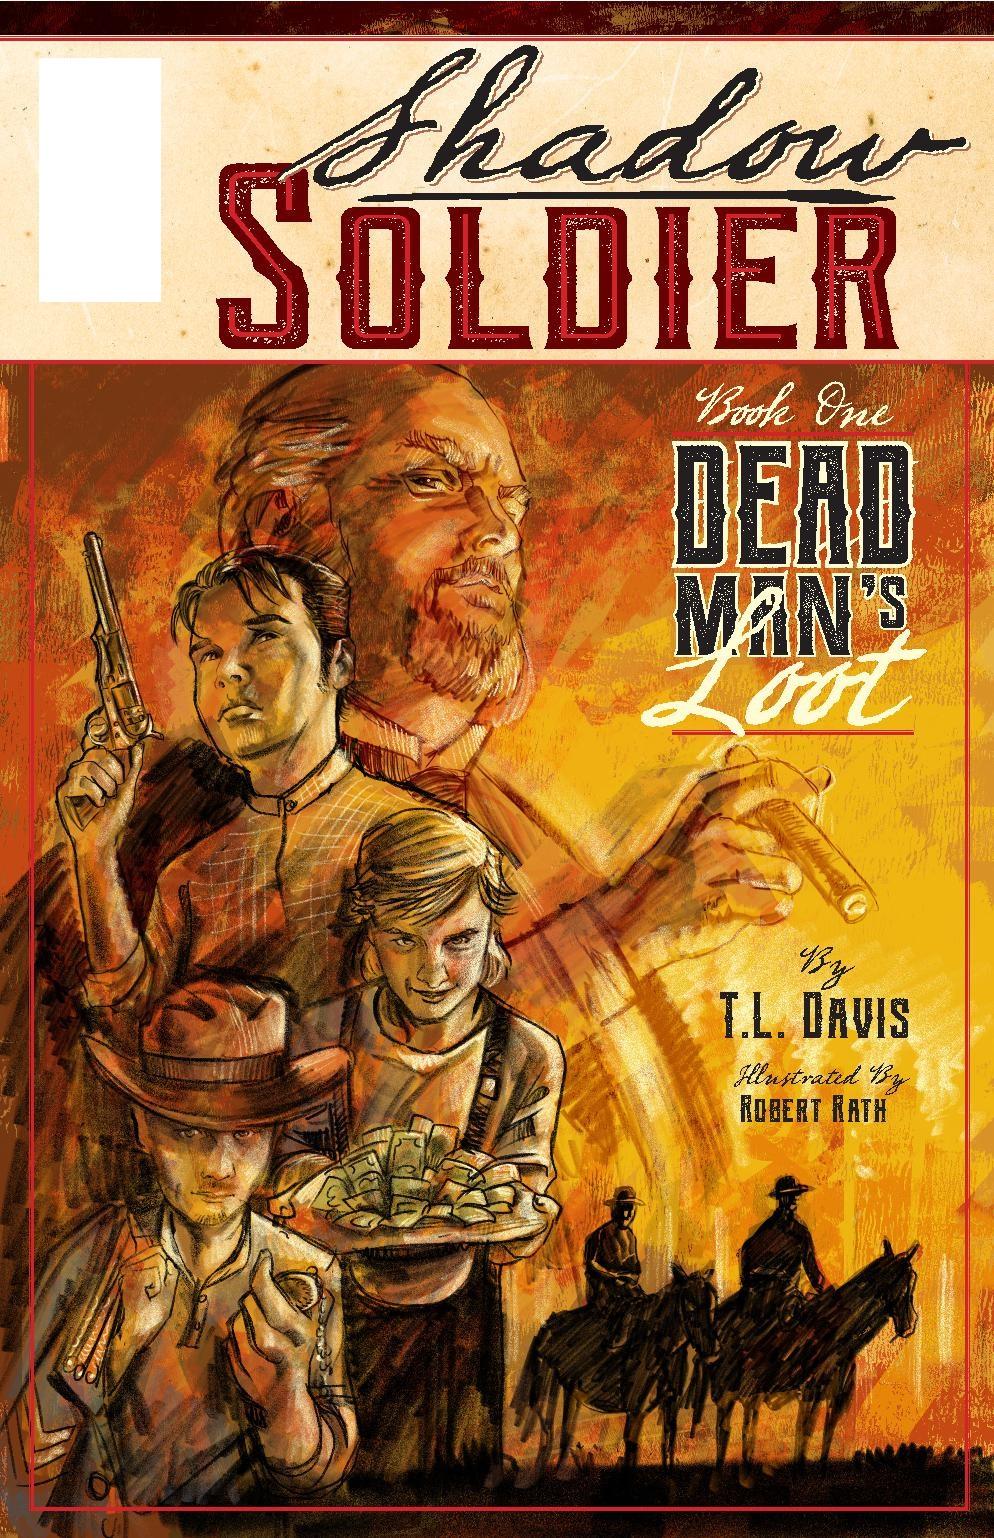 Deadman-cover-rev.jpg